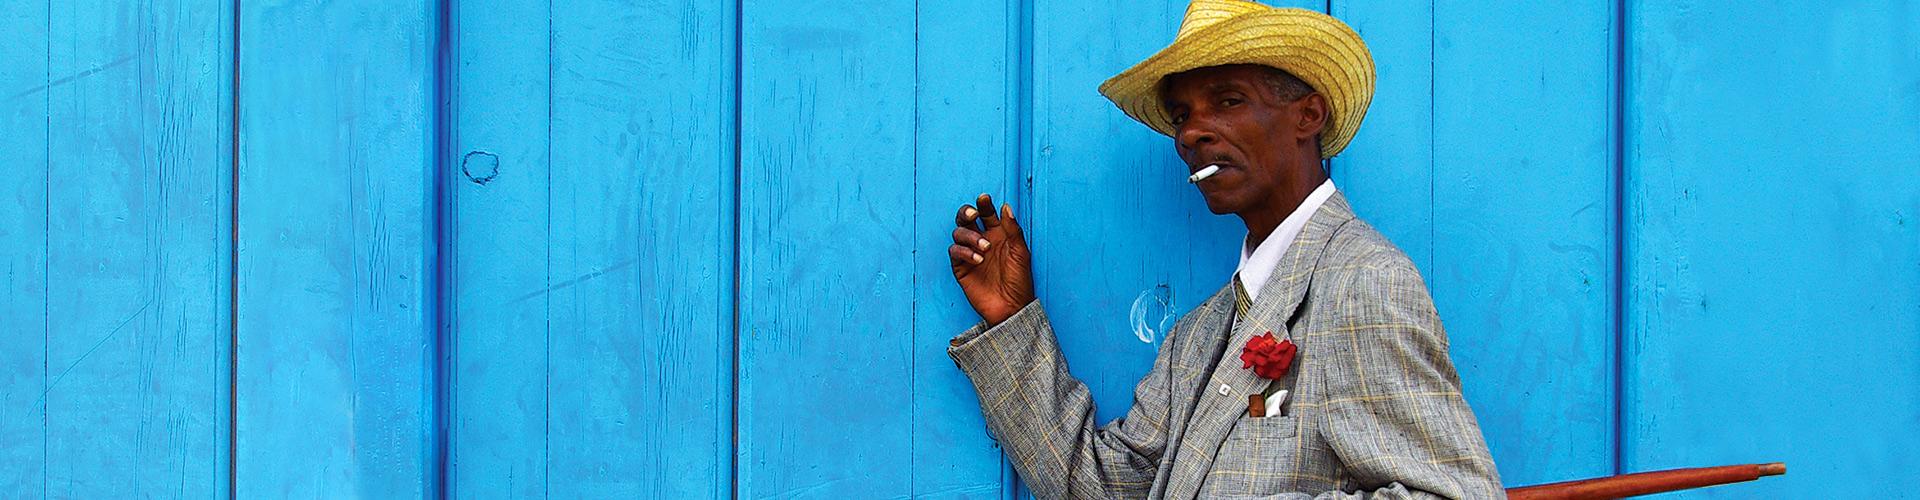 Discover Mexico & Cuba